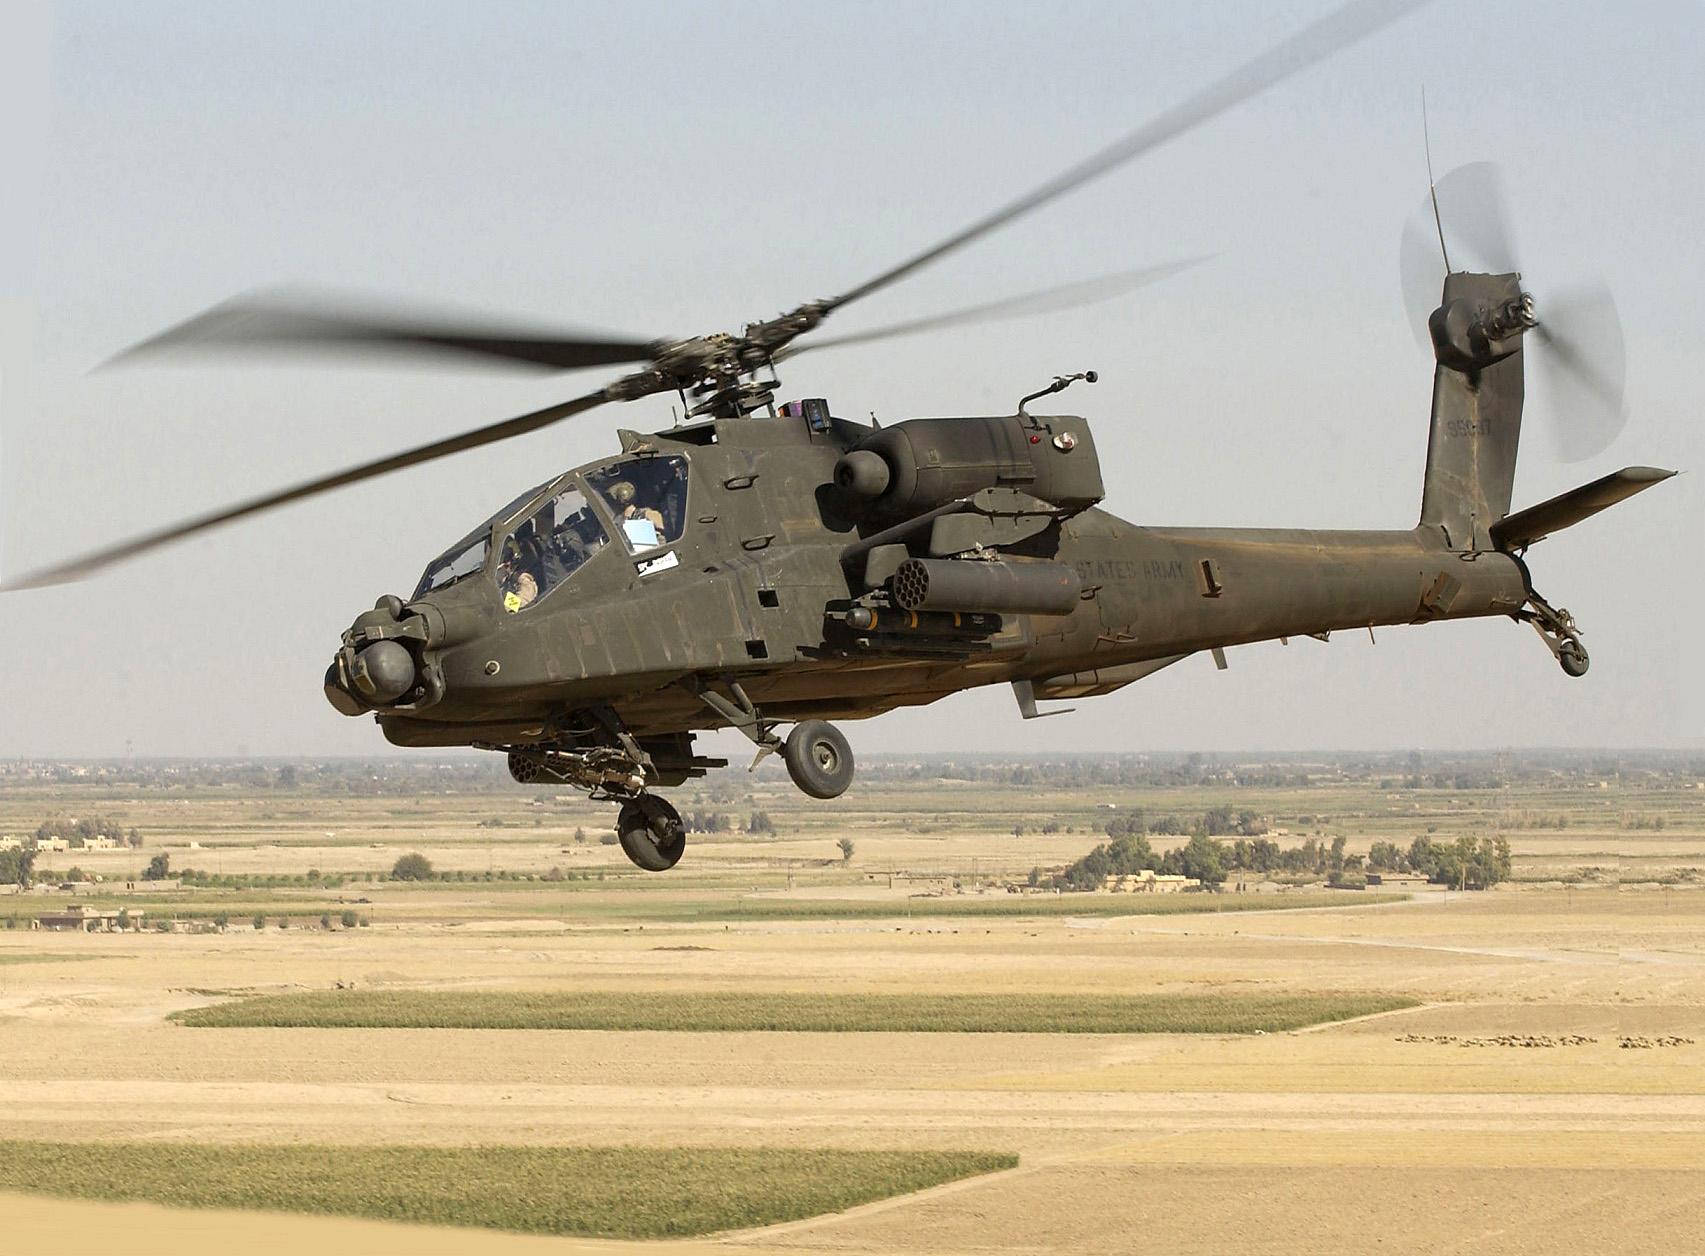 صفقات السلاح المصرى الحائر بين مطرقة العم سام وسندان الدب الروسى AH-64D_Apache_Longbow